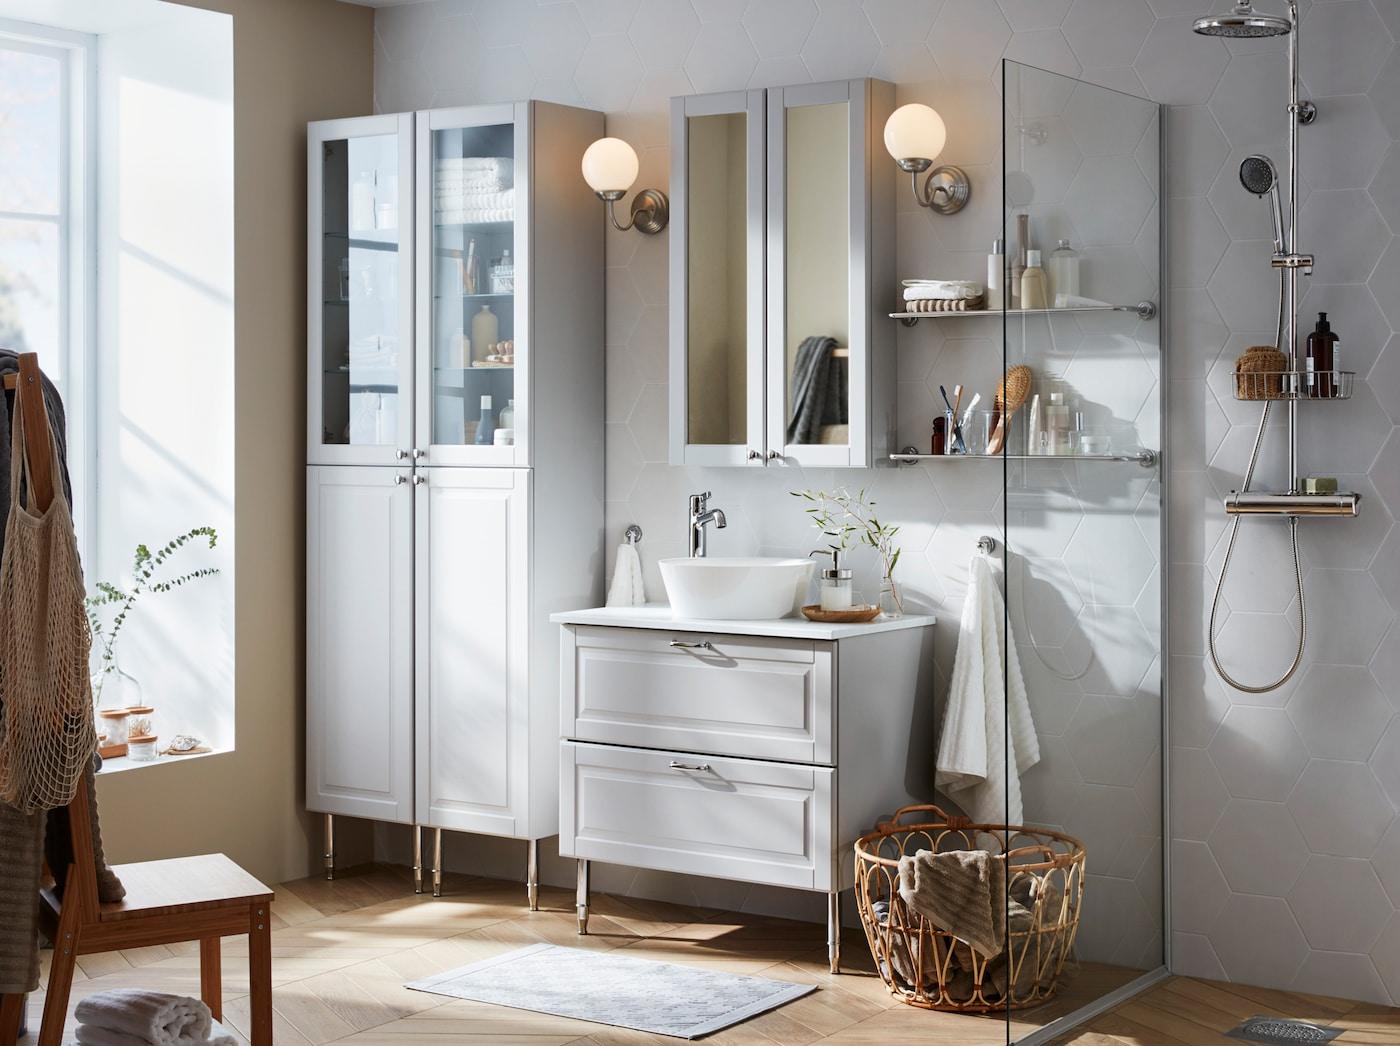 Mobile Bagno Ikea Immagini un bagno di relax - ikea